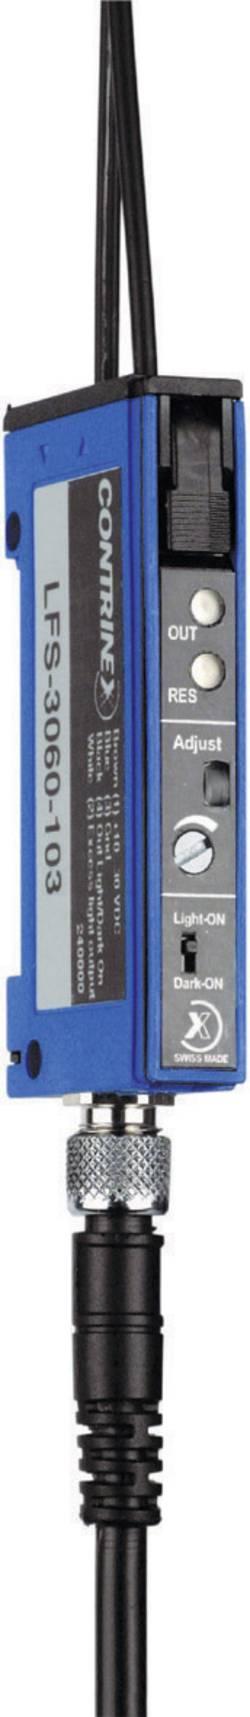 Amplificateur pour fibres optiques Contrinex LFS-3060-103 620 000 915